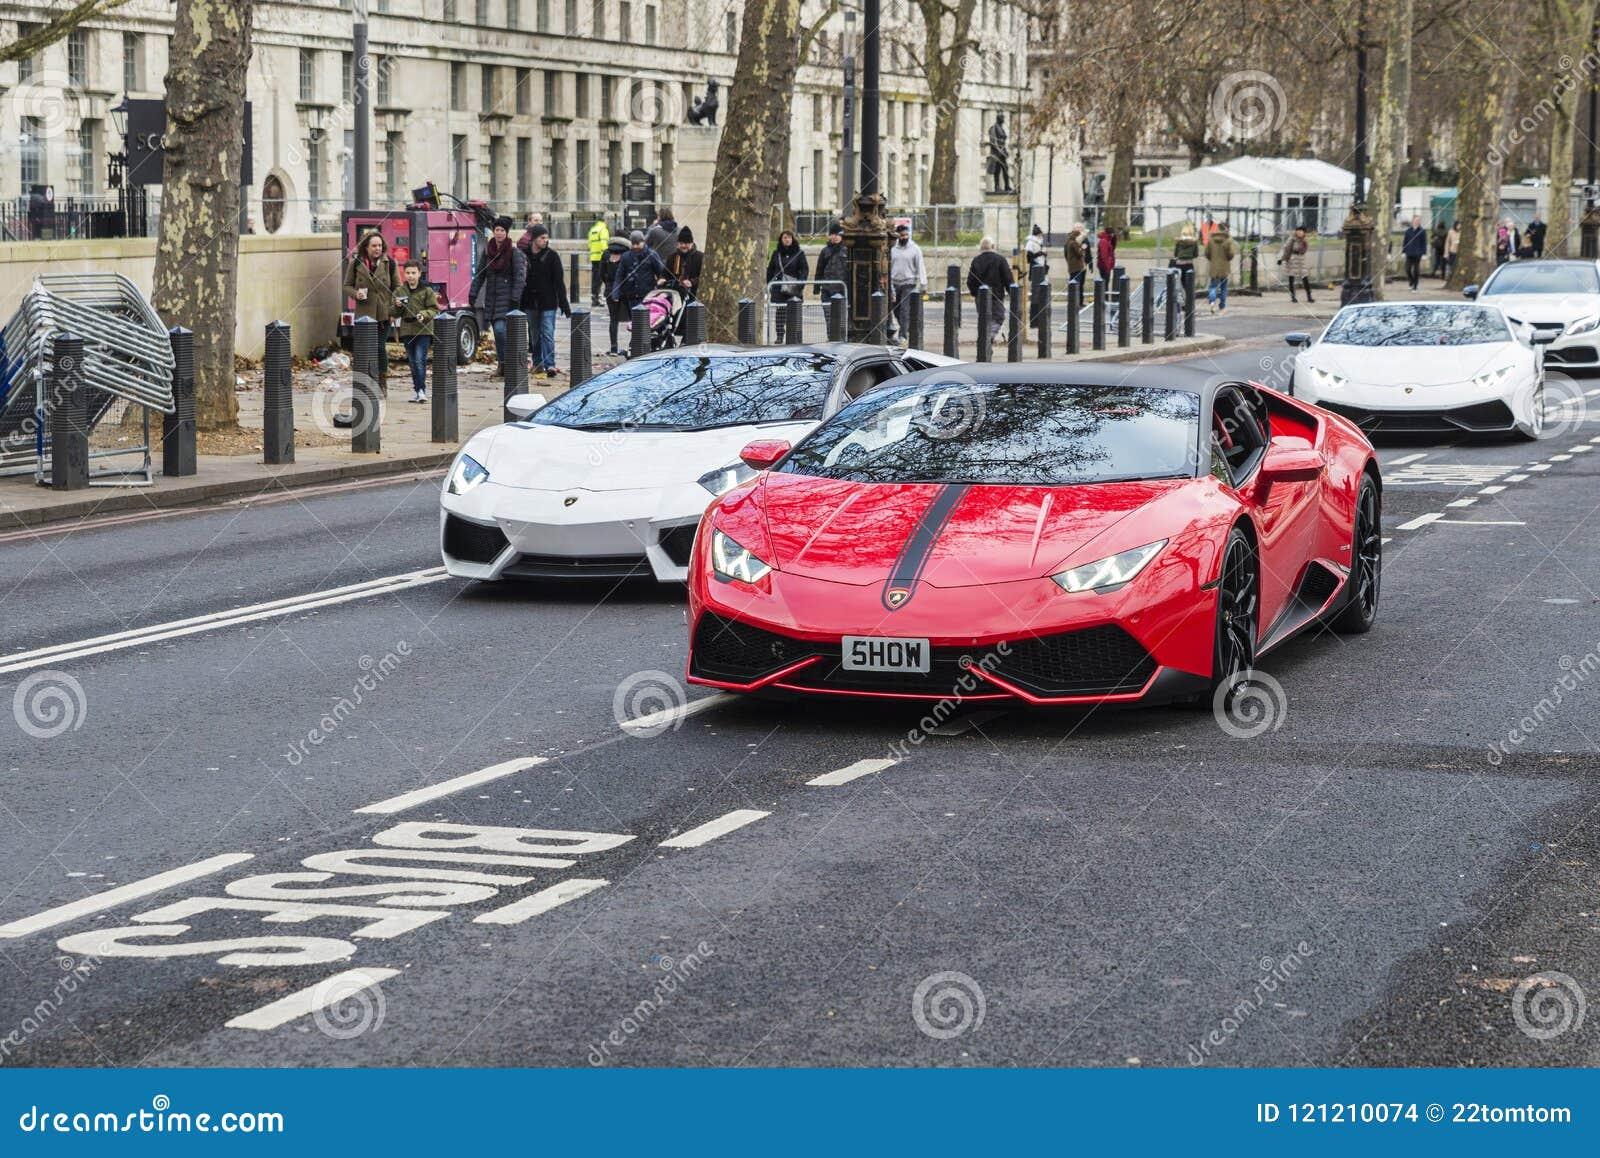 Parade Of Lamborghini Aventador In London England United Kingdom